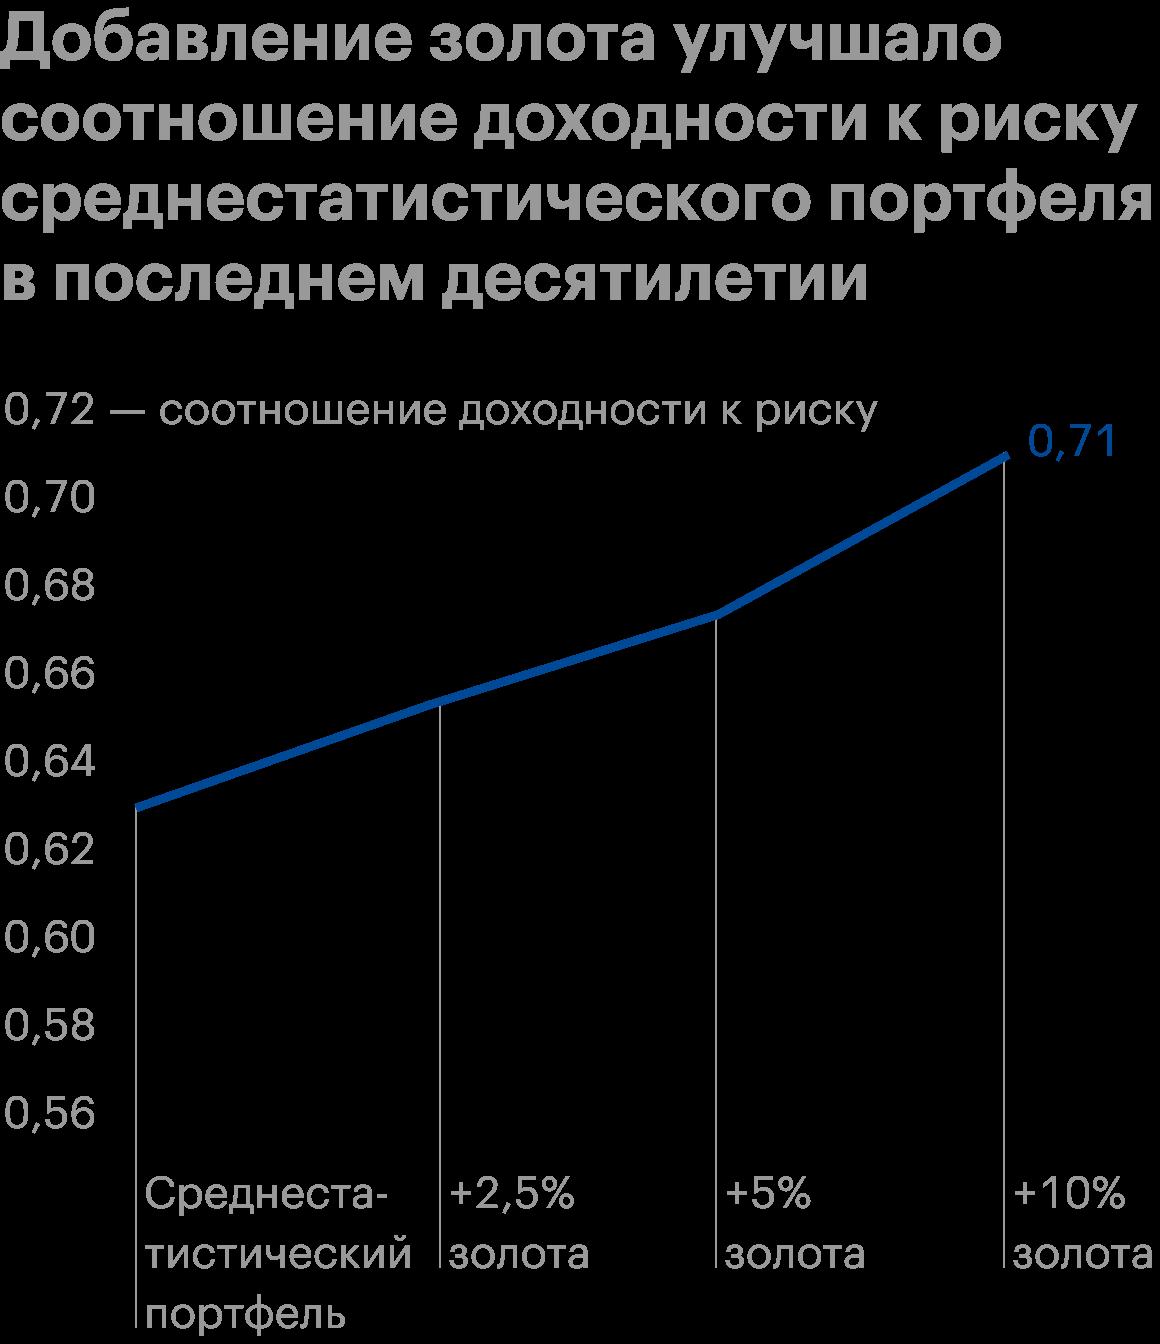 Рассматриваемый период: с 31декабря 2009года по 31декабря 2019года. Присоставлении среднестатистического портфеля учитывалось среднее распределение инструментов в портфелях индивидуальных инвесторов за последние двадцать лет. Он включает в себя 47%акций, 36%облигаций и 17%альтернативных активов, а именно: 3%REIT, 11%активов из индекса HFRI Hedge Fund и 3%коммодити. Увеличение доли золота происходит за счет пропорционального уменьшения остальных активов. Соотношение доходности к риску рассчитывается так: годовая доходность / годовая волатильность. Источник: GoldHub